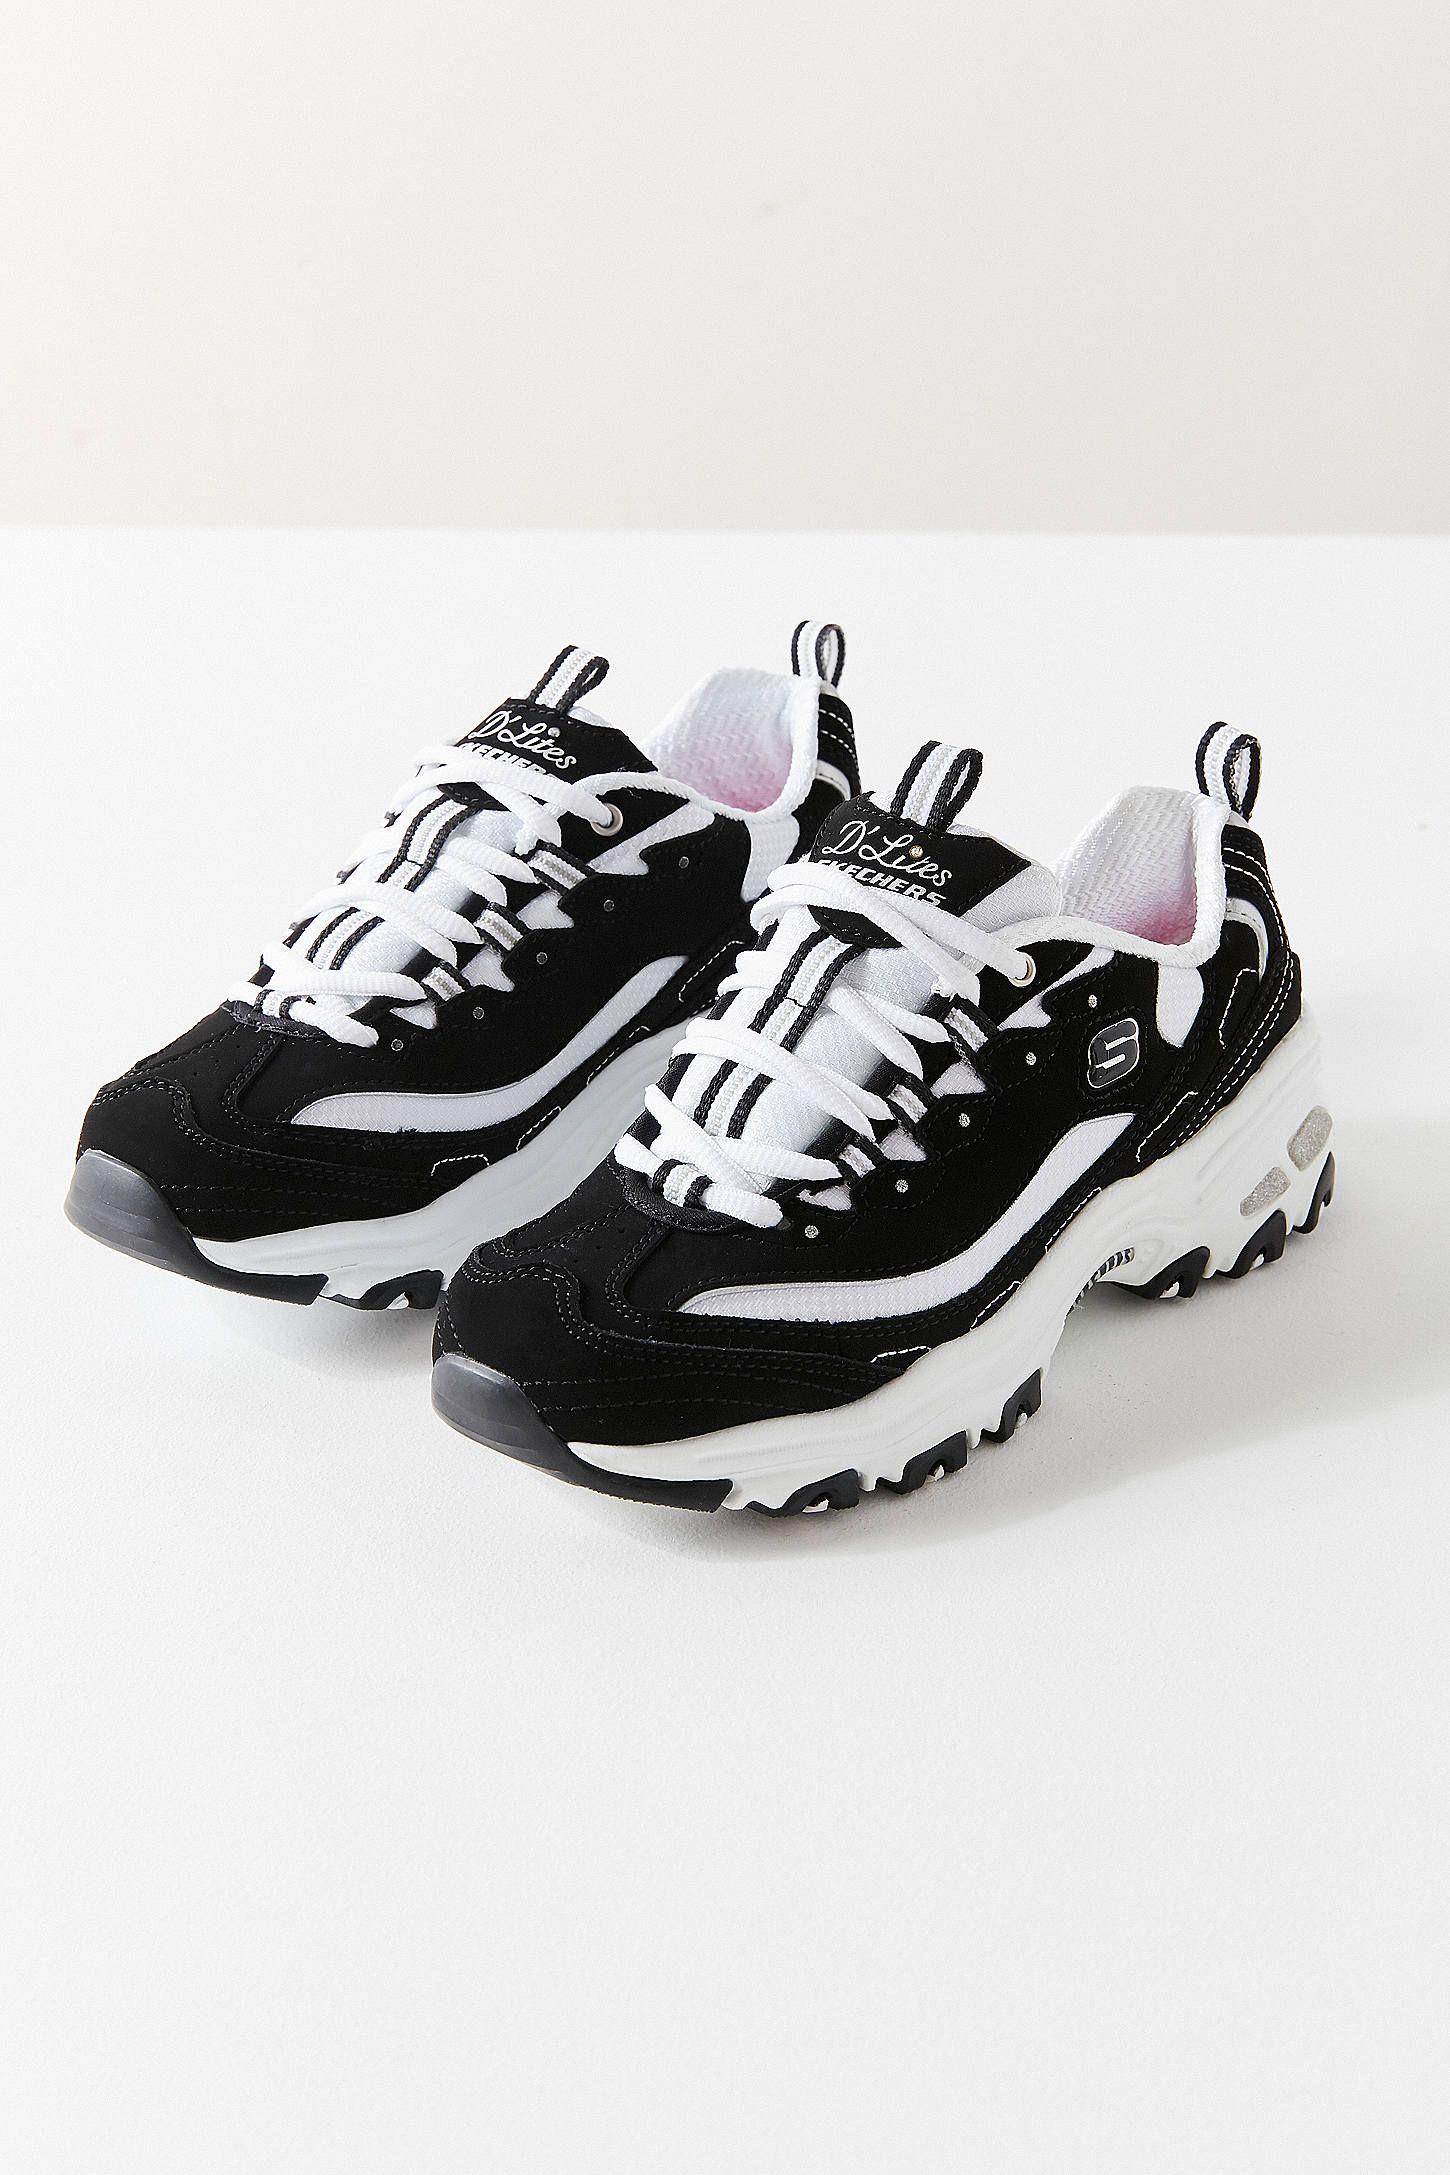 Skechers D'Lites Biggest Fan Sneaker | Shoes